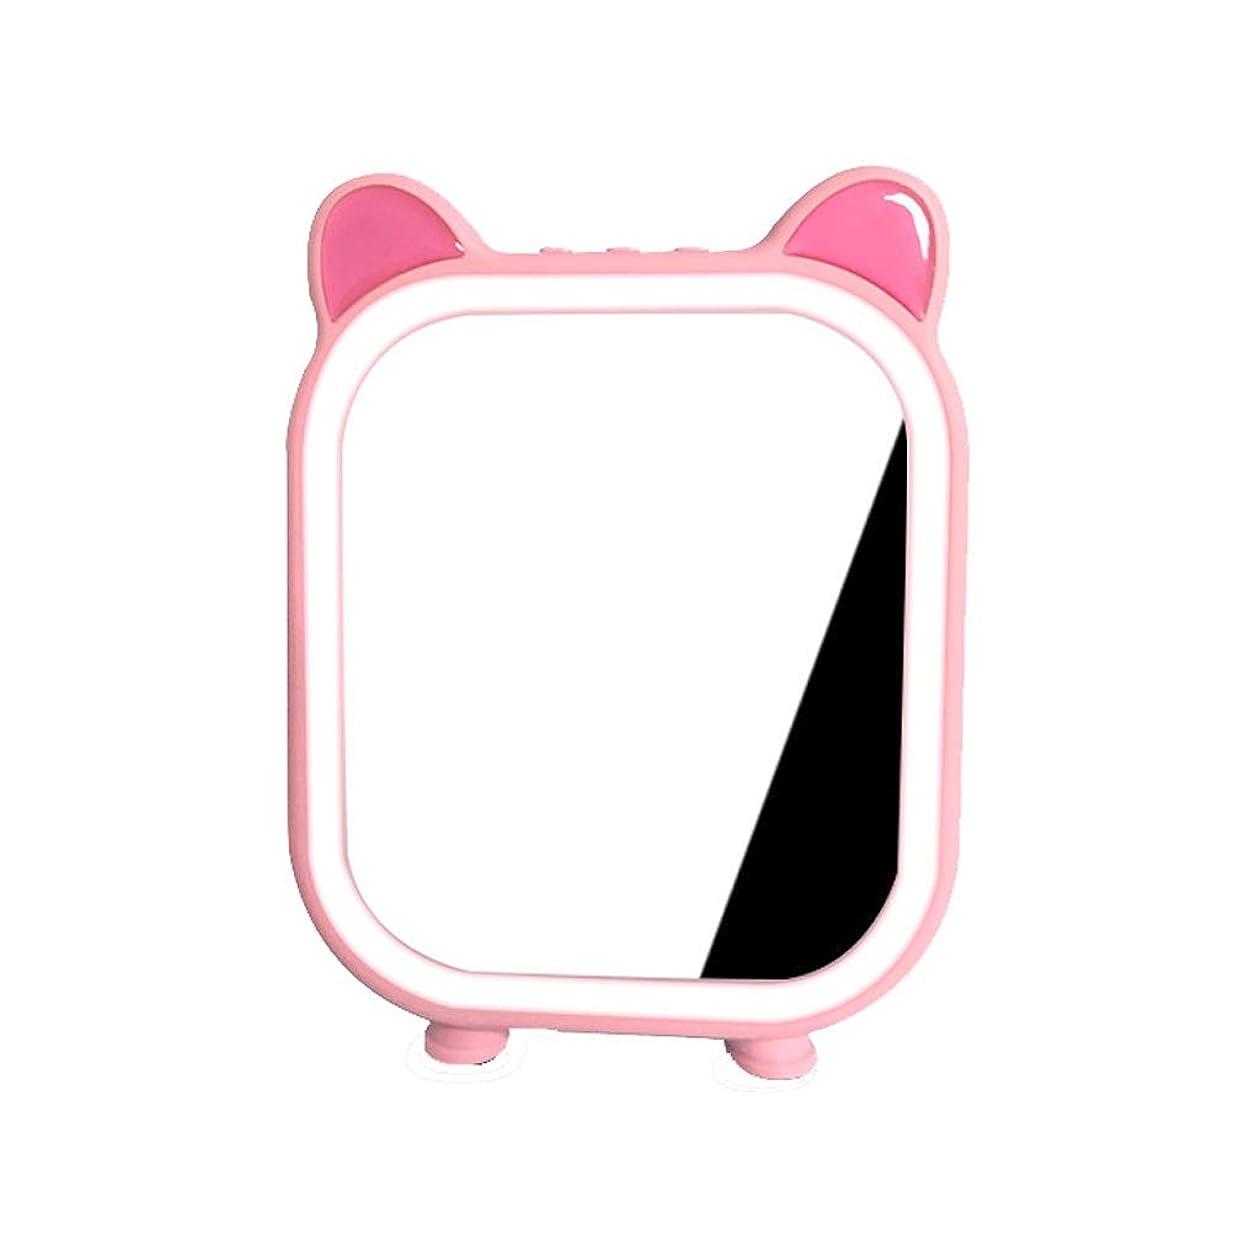 気晴らしペルードラマ高品質化粧鏡 ブルートゥースLED化粧鏡付きスピーカー美容化粧鏡ポータブルライトバスルームミラー ポータブル (Color : Pink, サイズ : 9*6 inches)